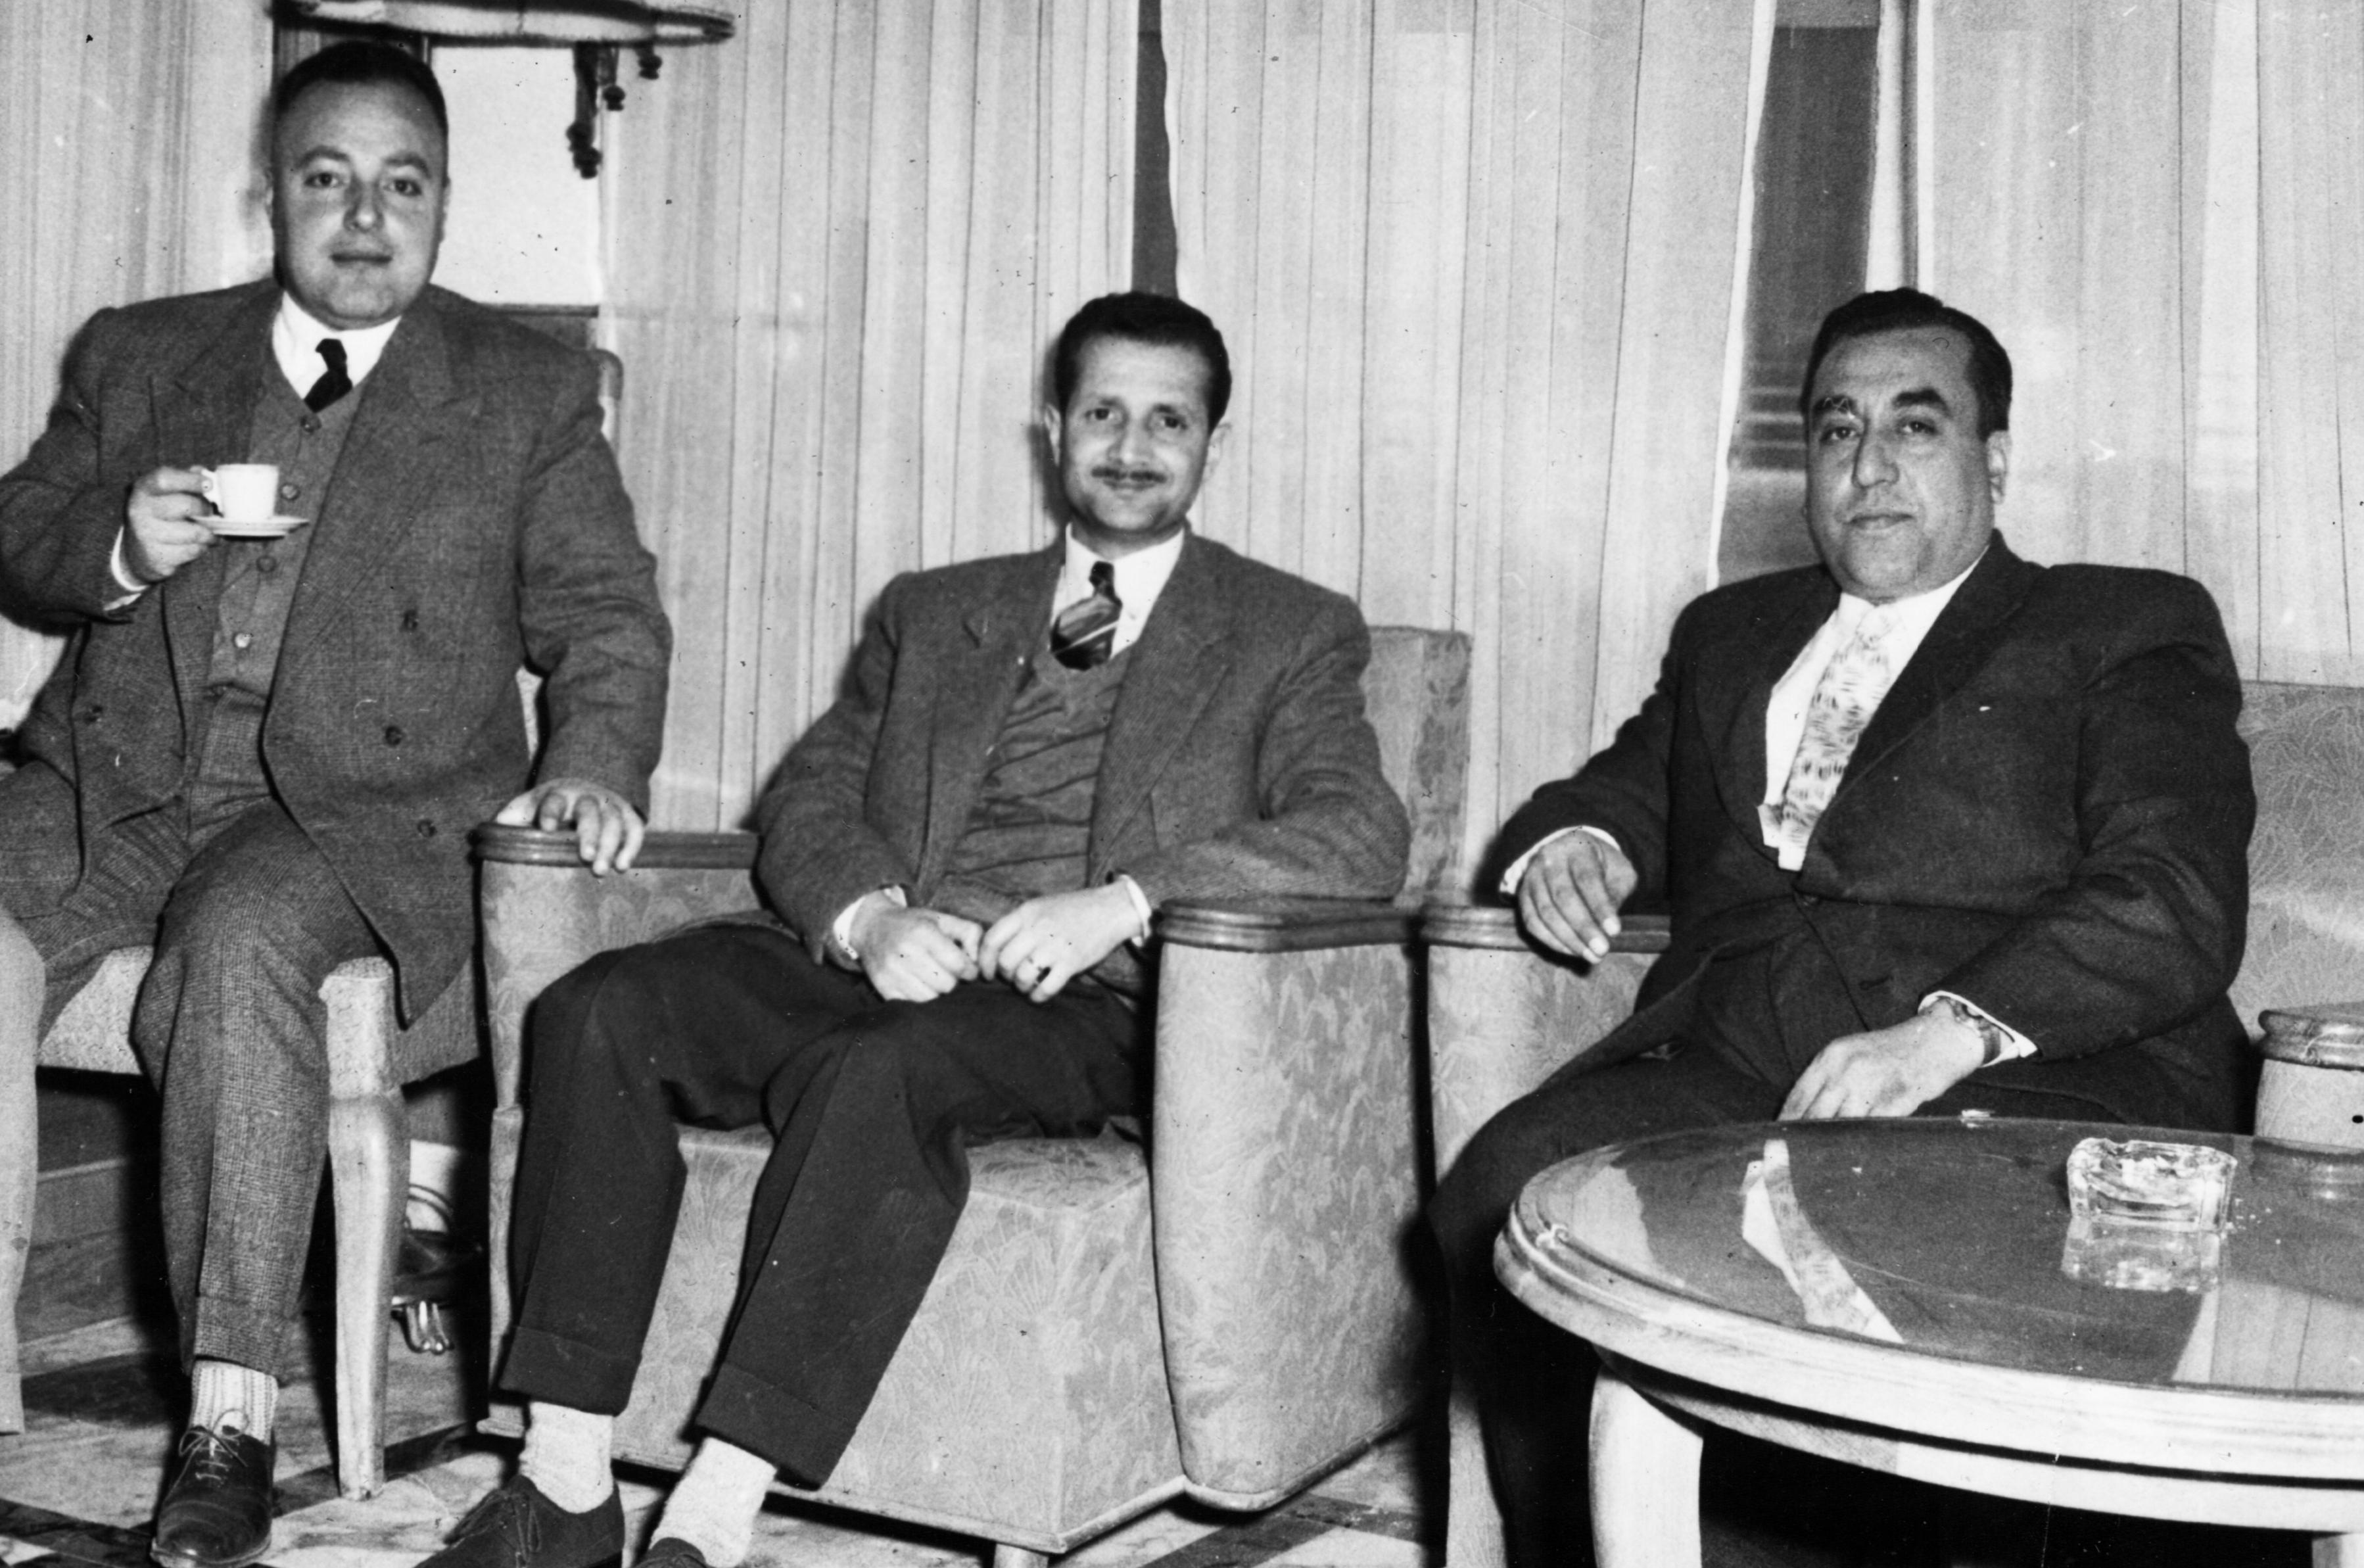 موفق البقاعي في احدى مكاتب وزارة الداخلية